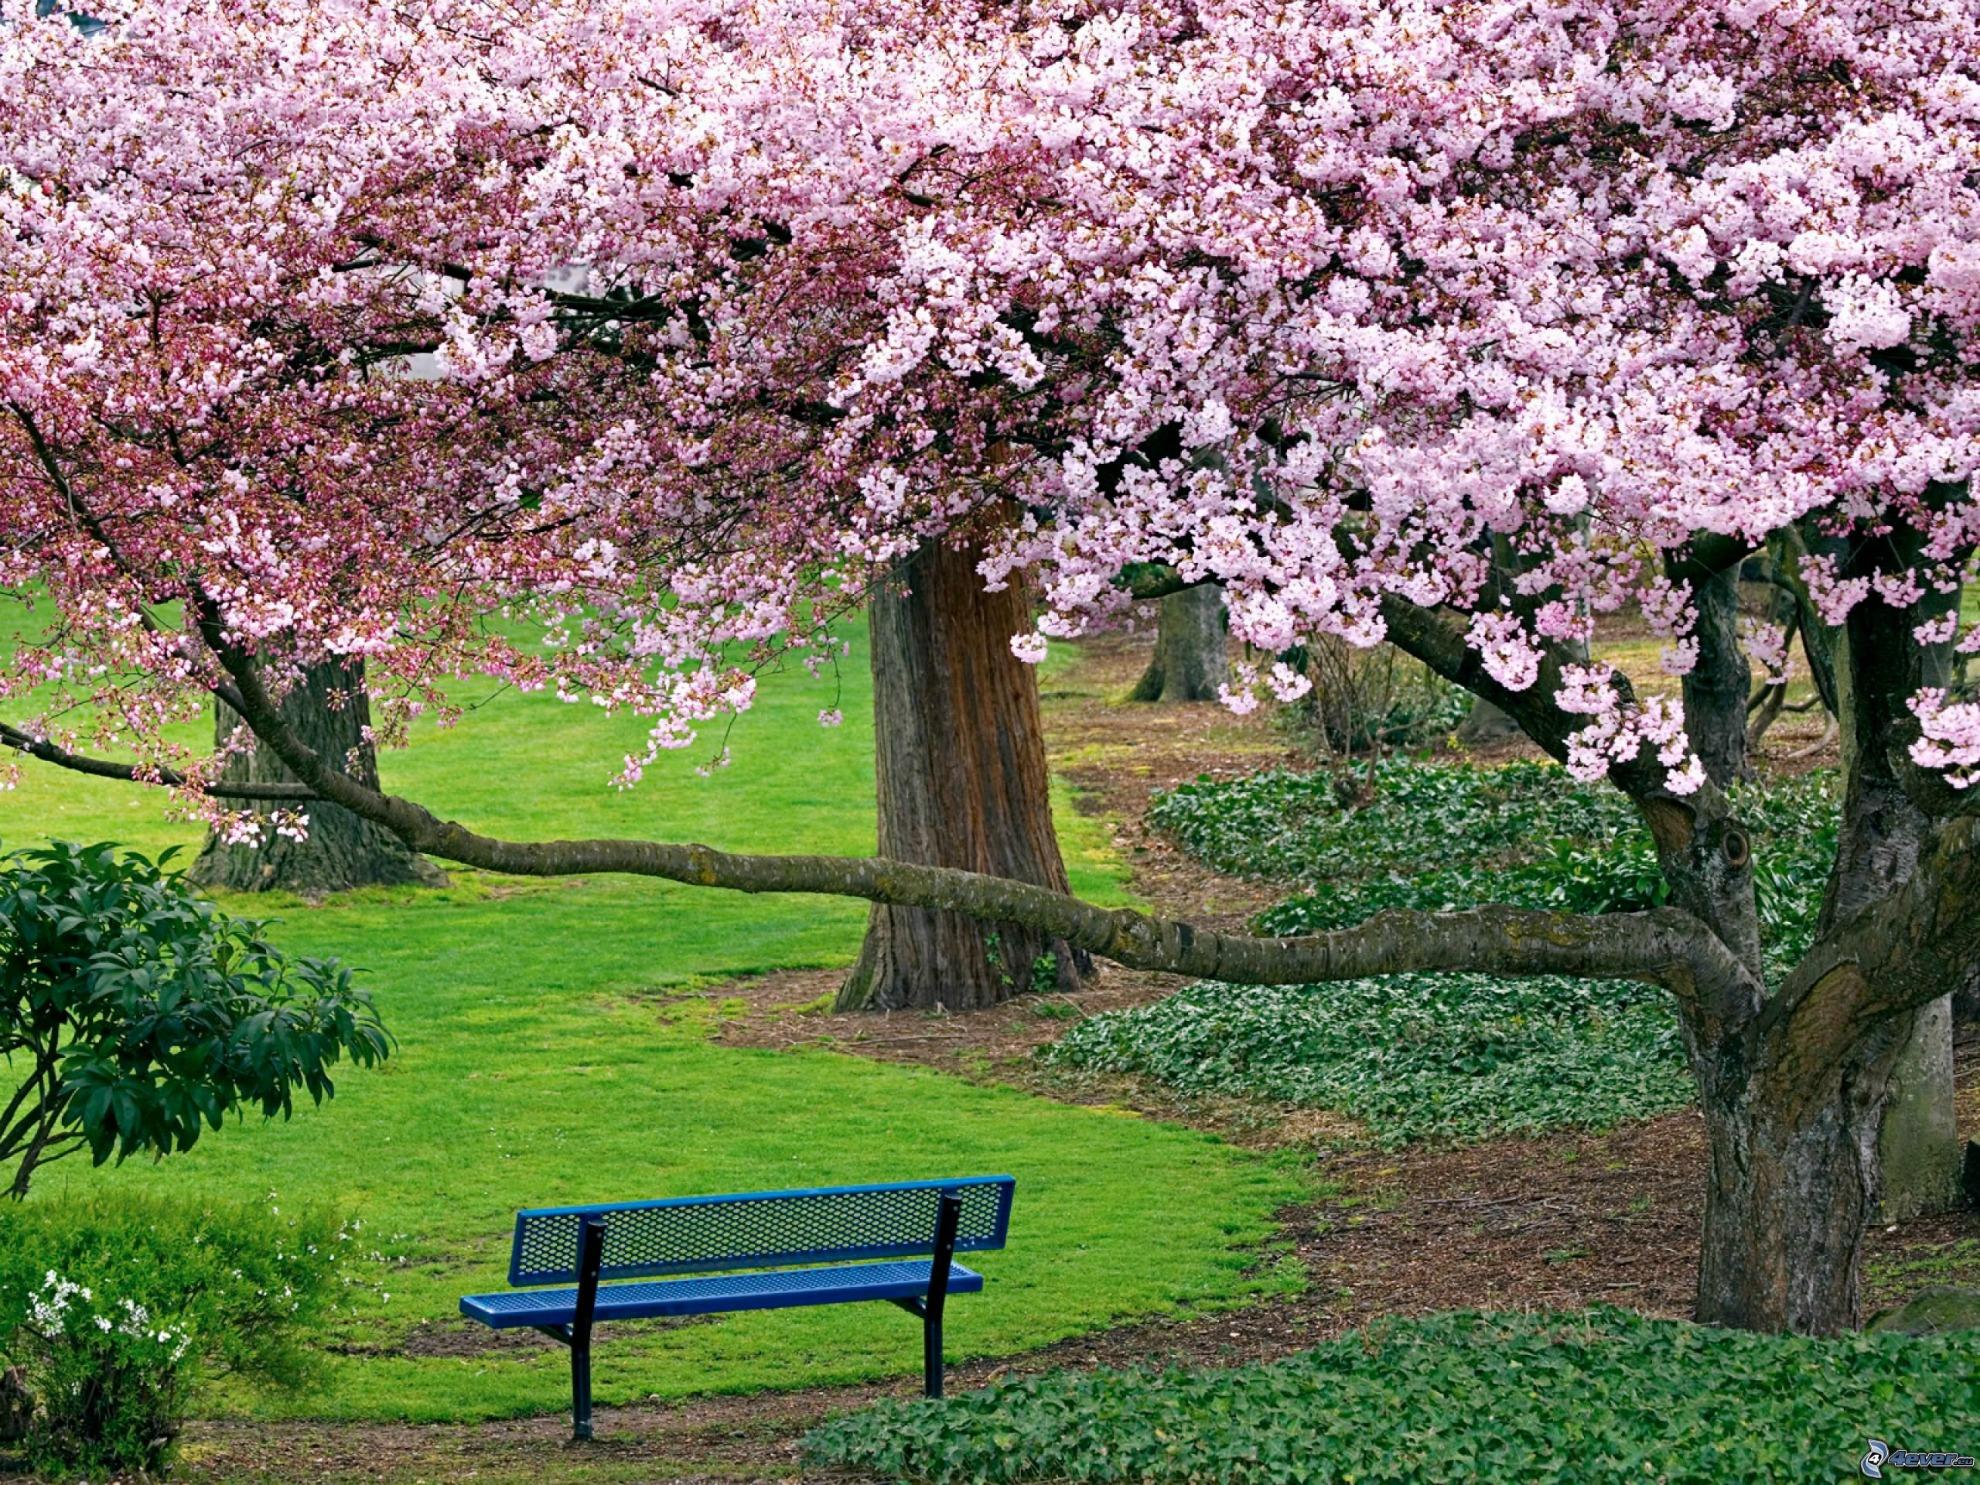 0varbol-florido,-banco-en-el-parque-165696